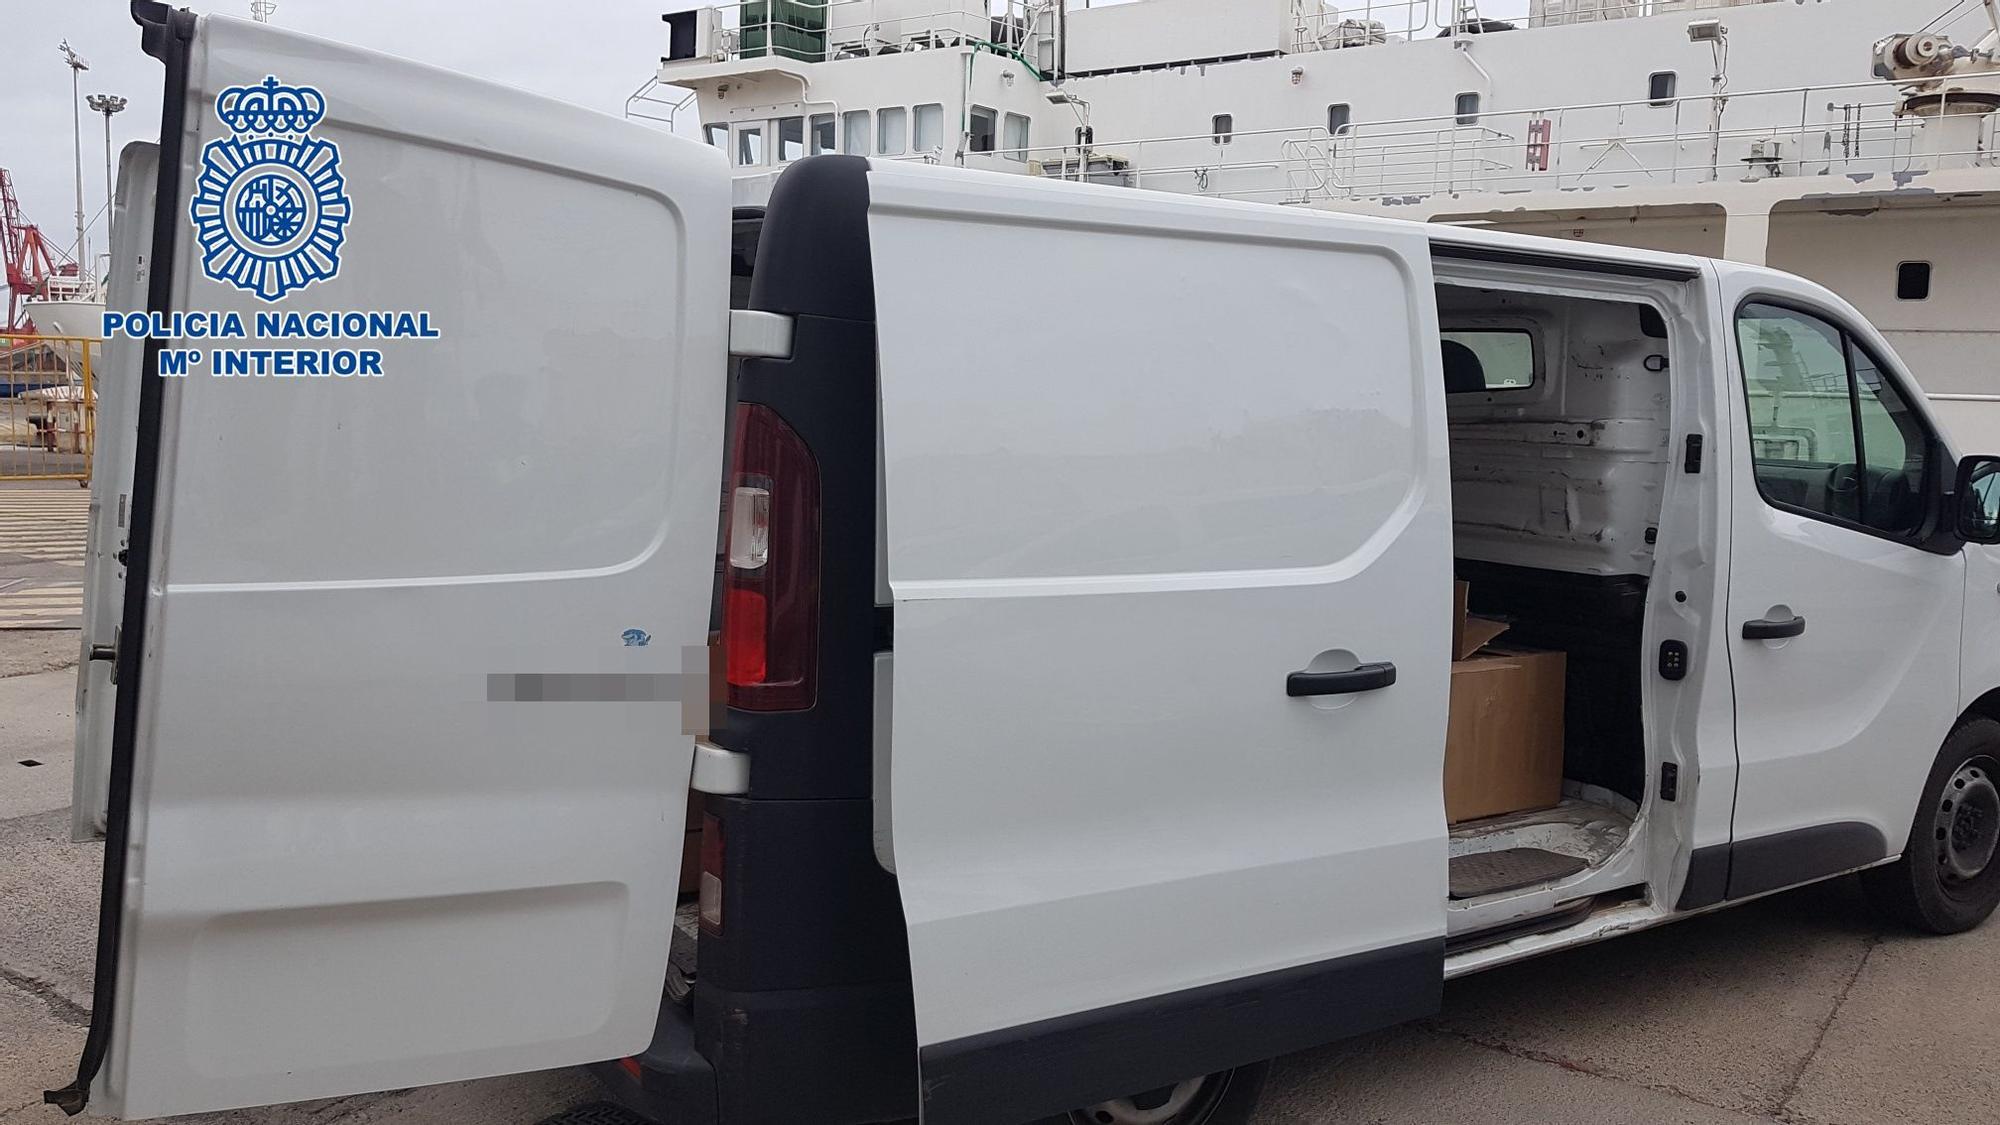 300 kilos de hachís en un furgón en el Puerto de La Luz